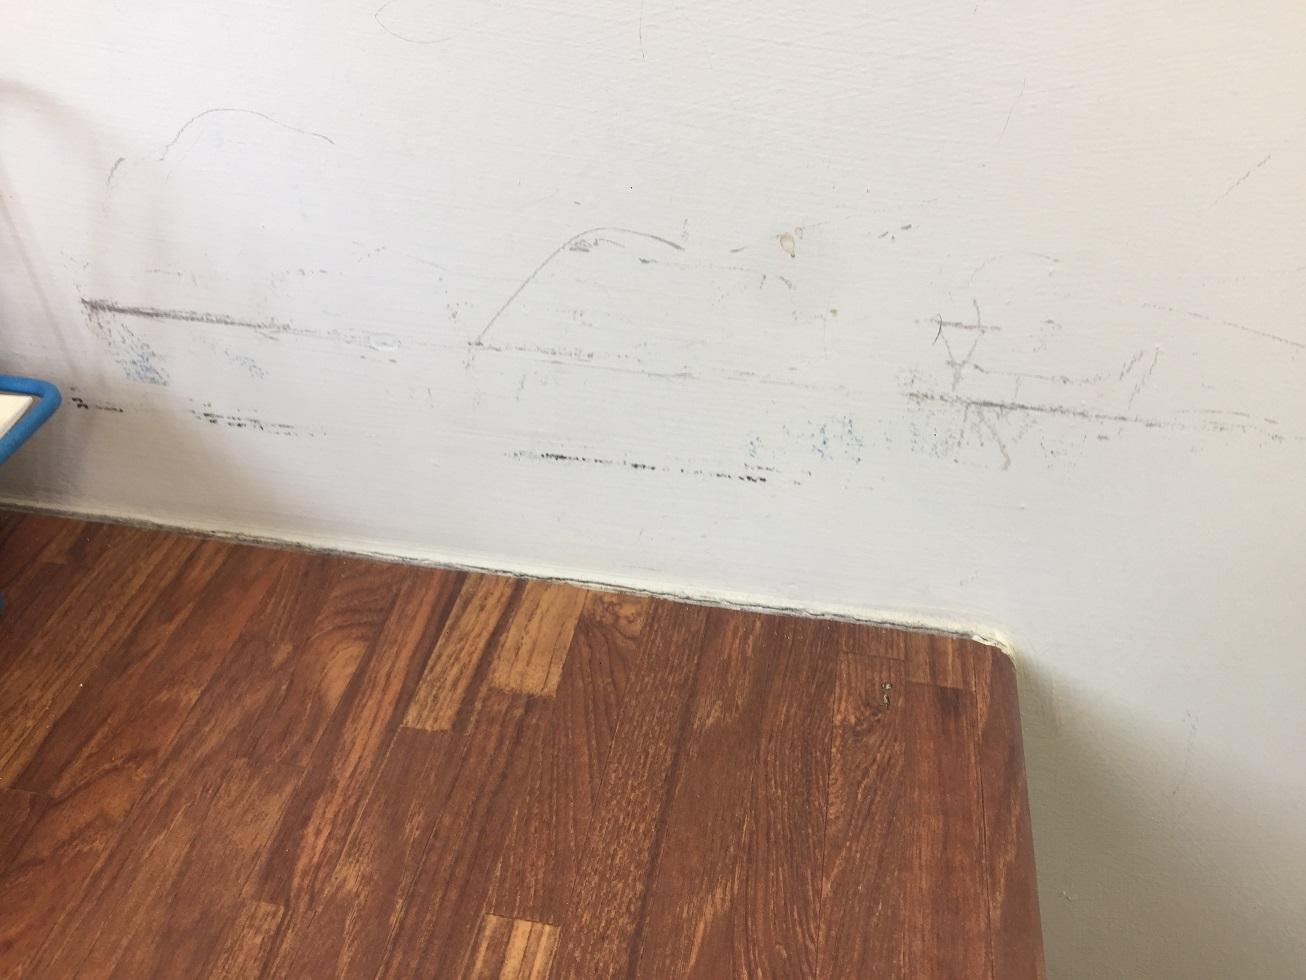 Wall Marks